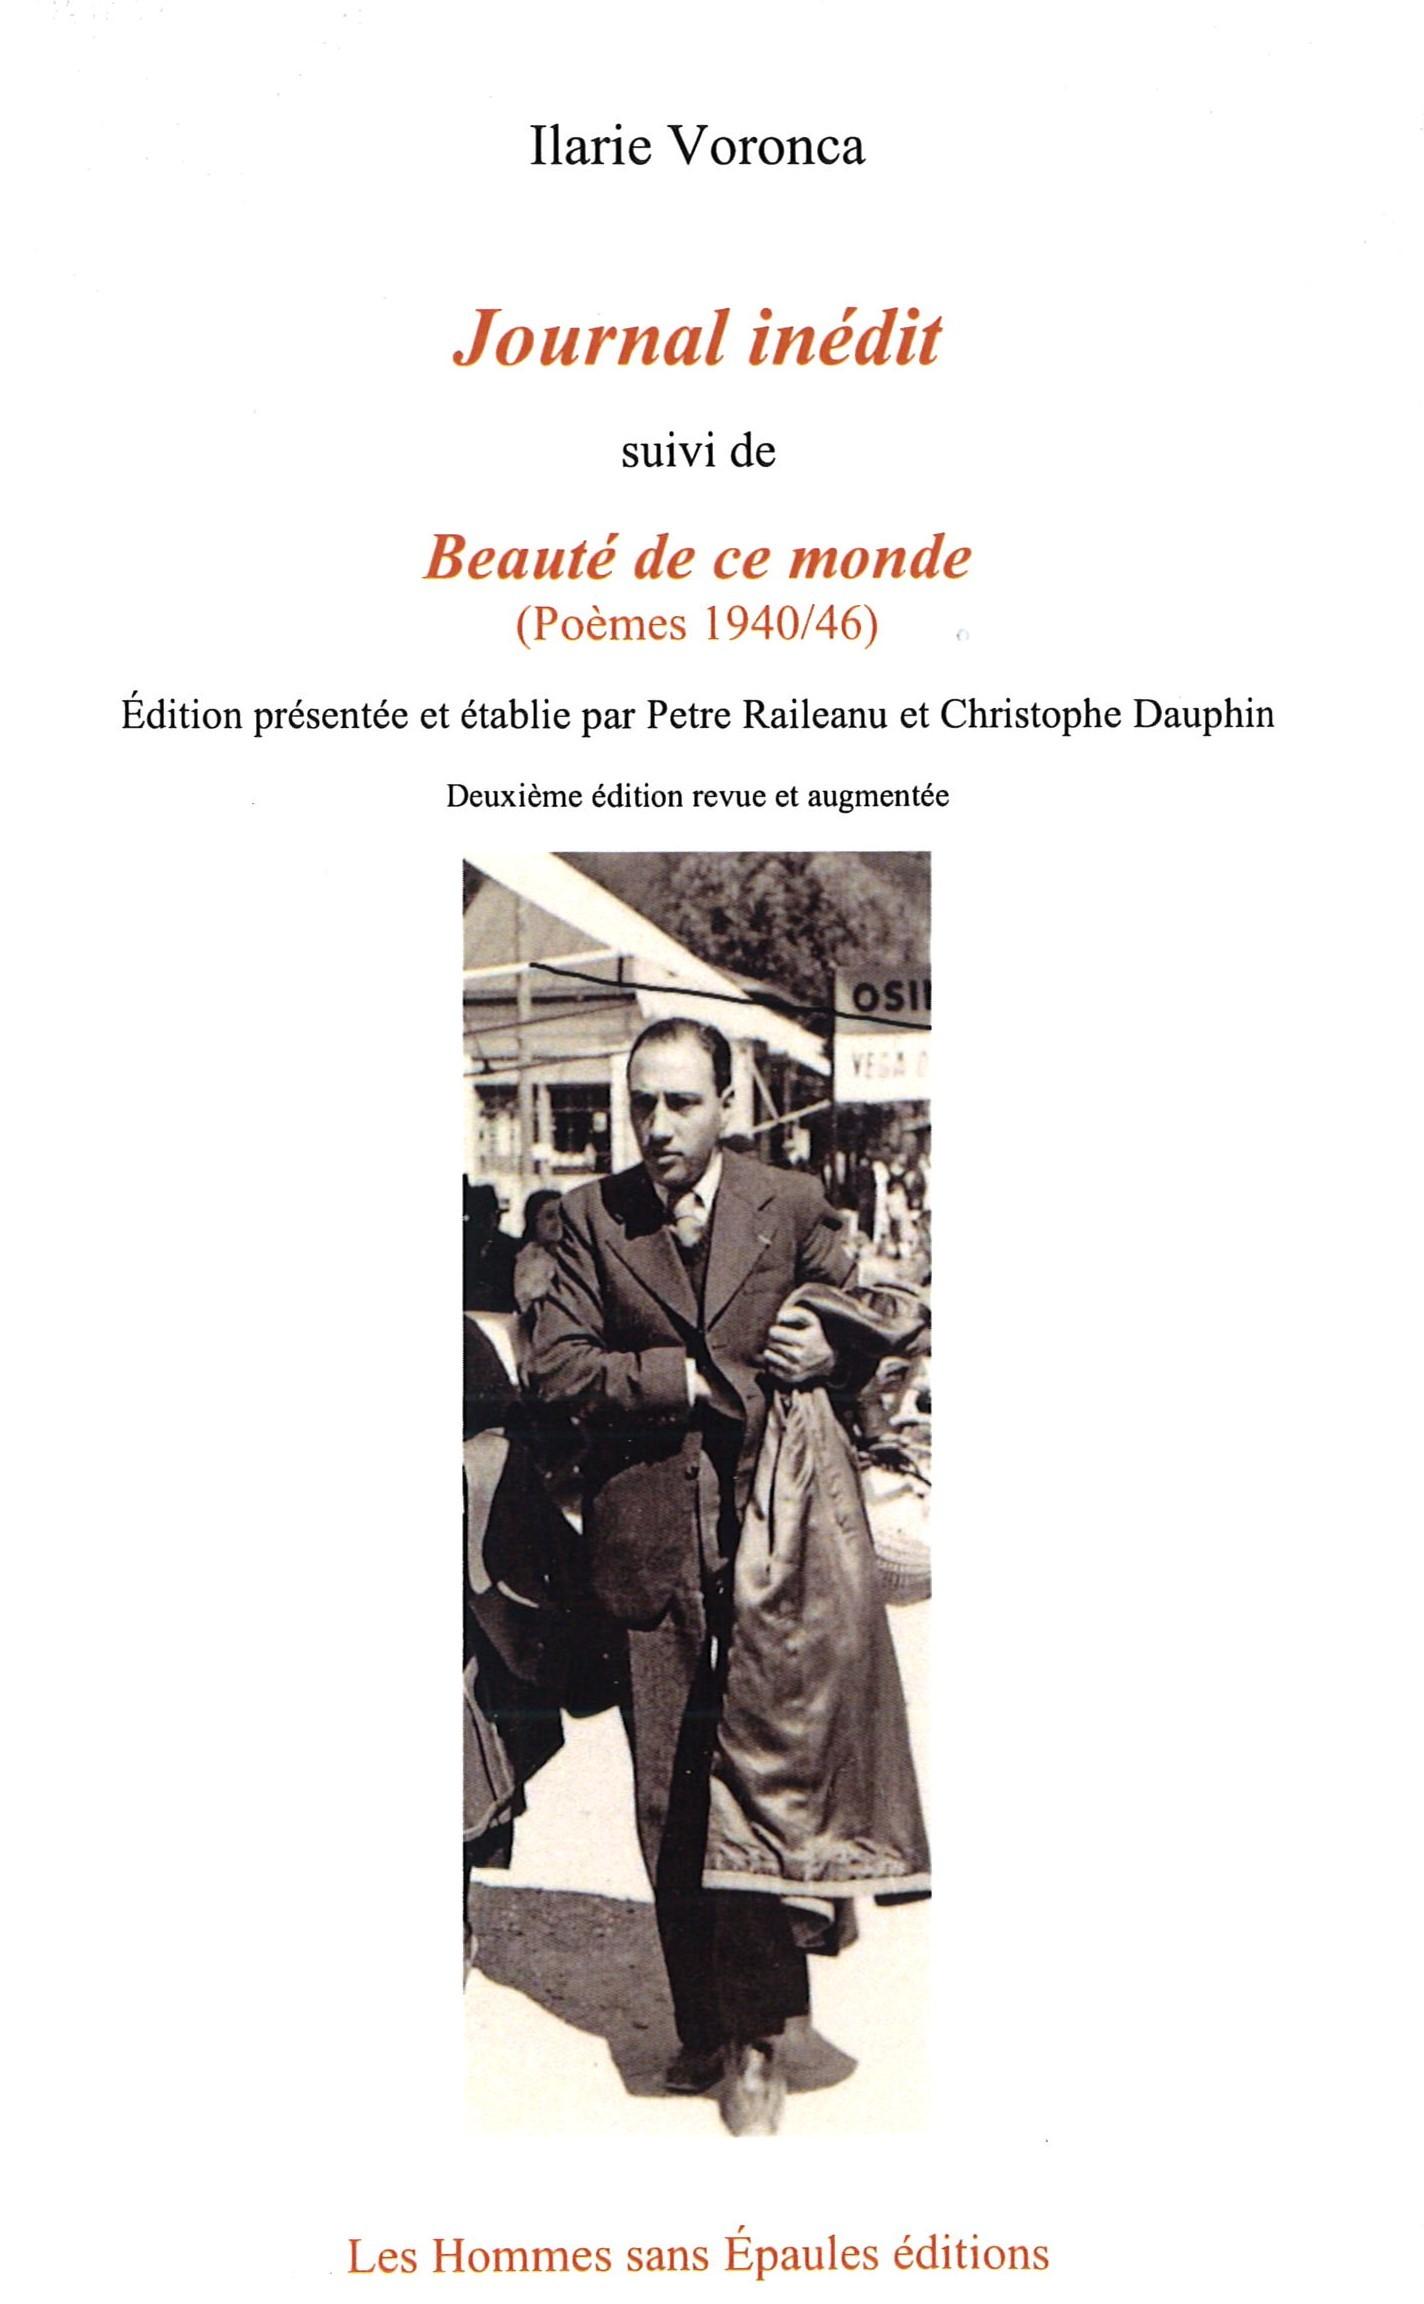 JOURNAL INEDIT, SUIVI DE : BEAUTE DE CE MONDE, POEMES 1940-46 - DEUXIEME EDITION REVUE ET AUGMENTEE